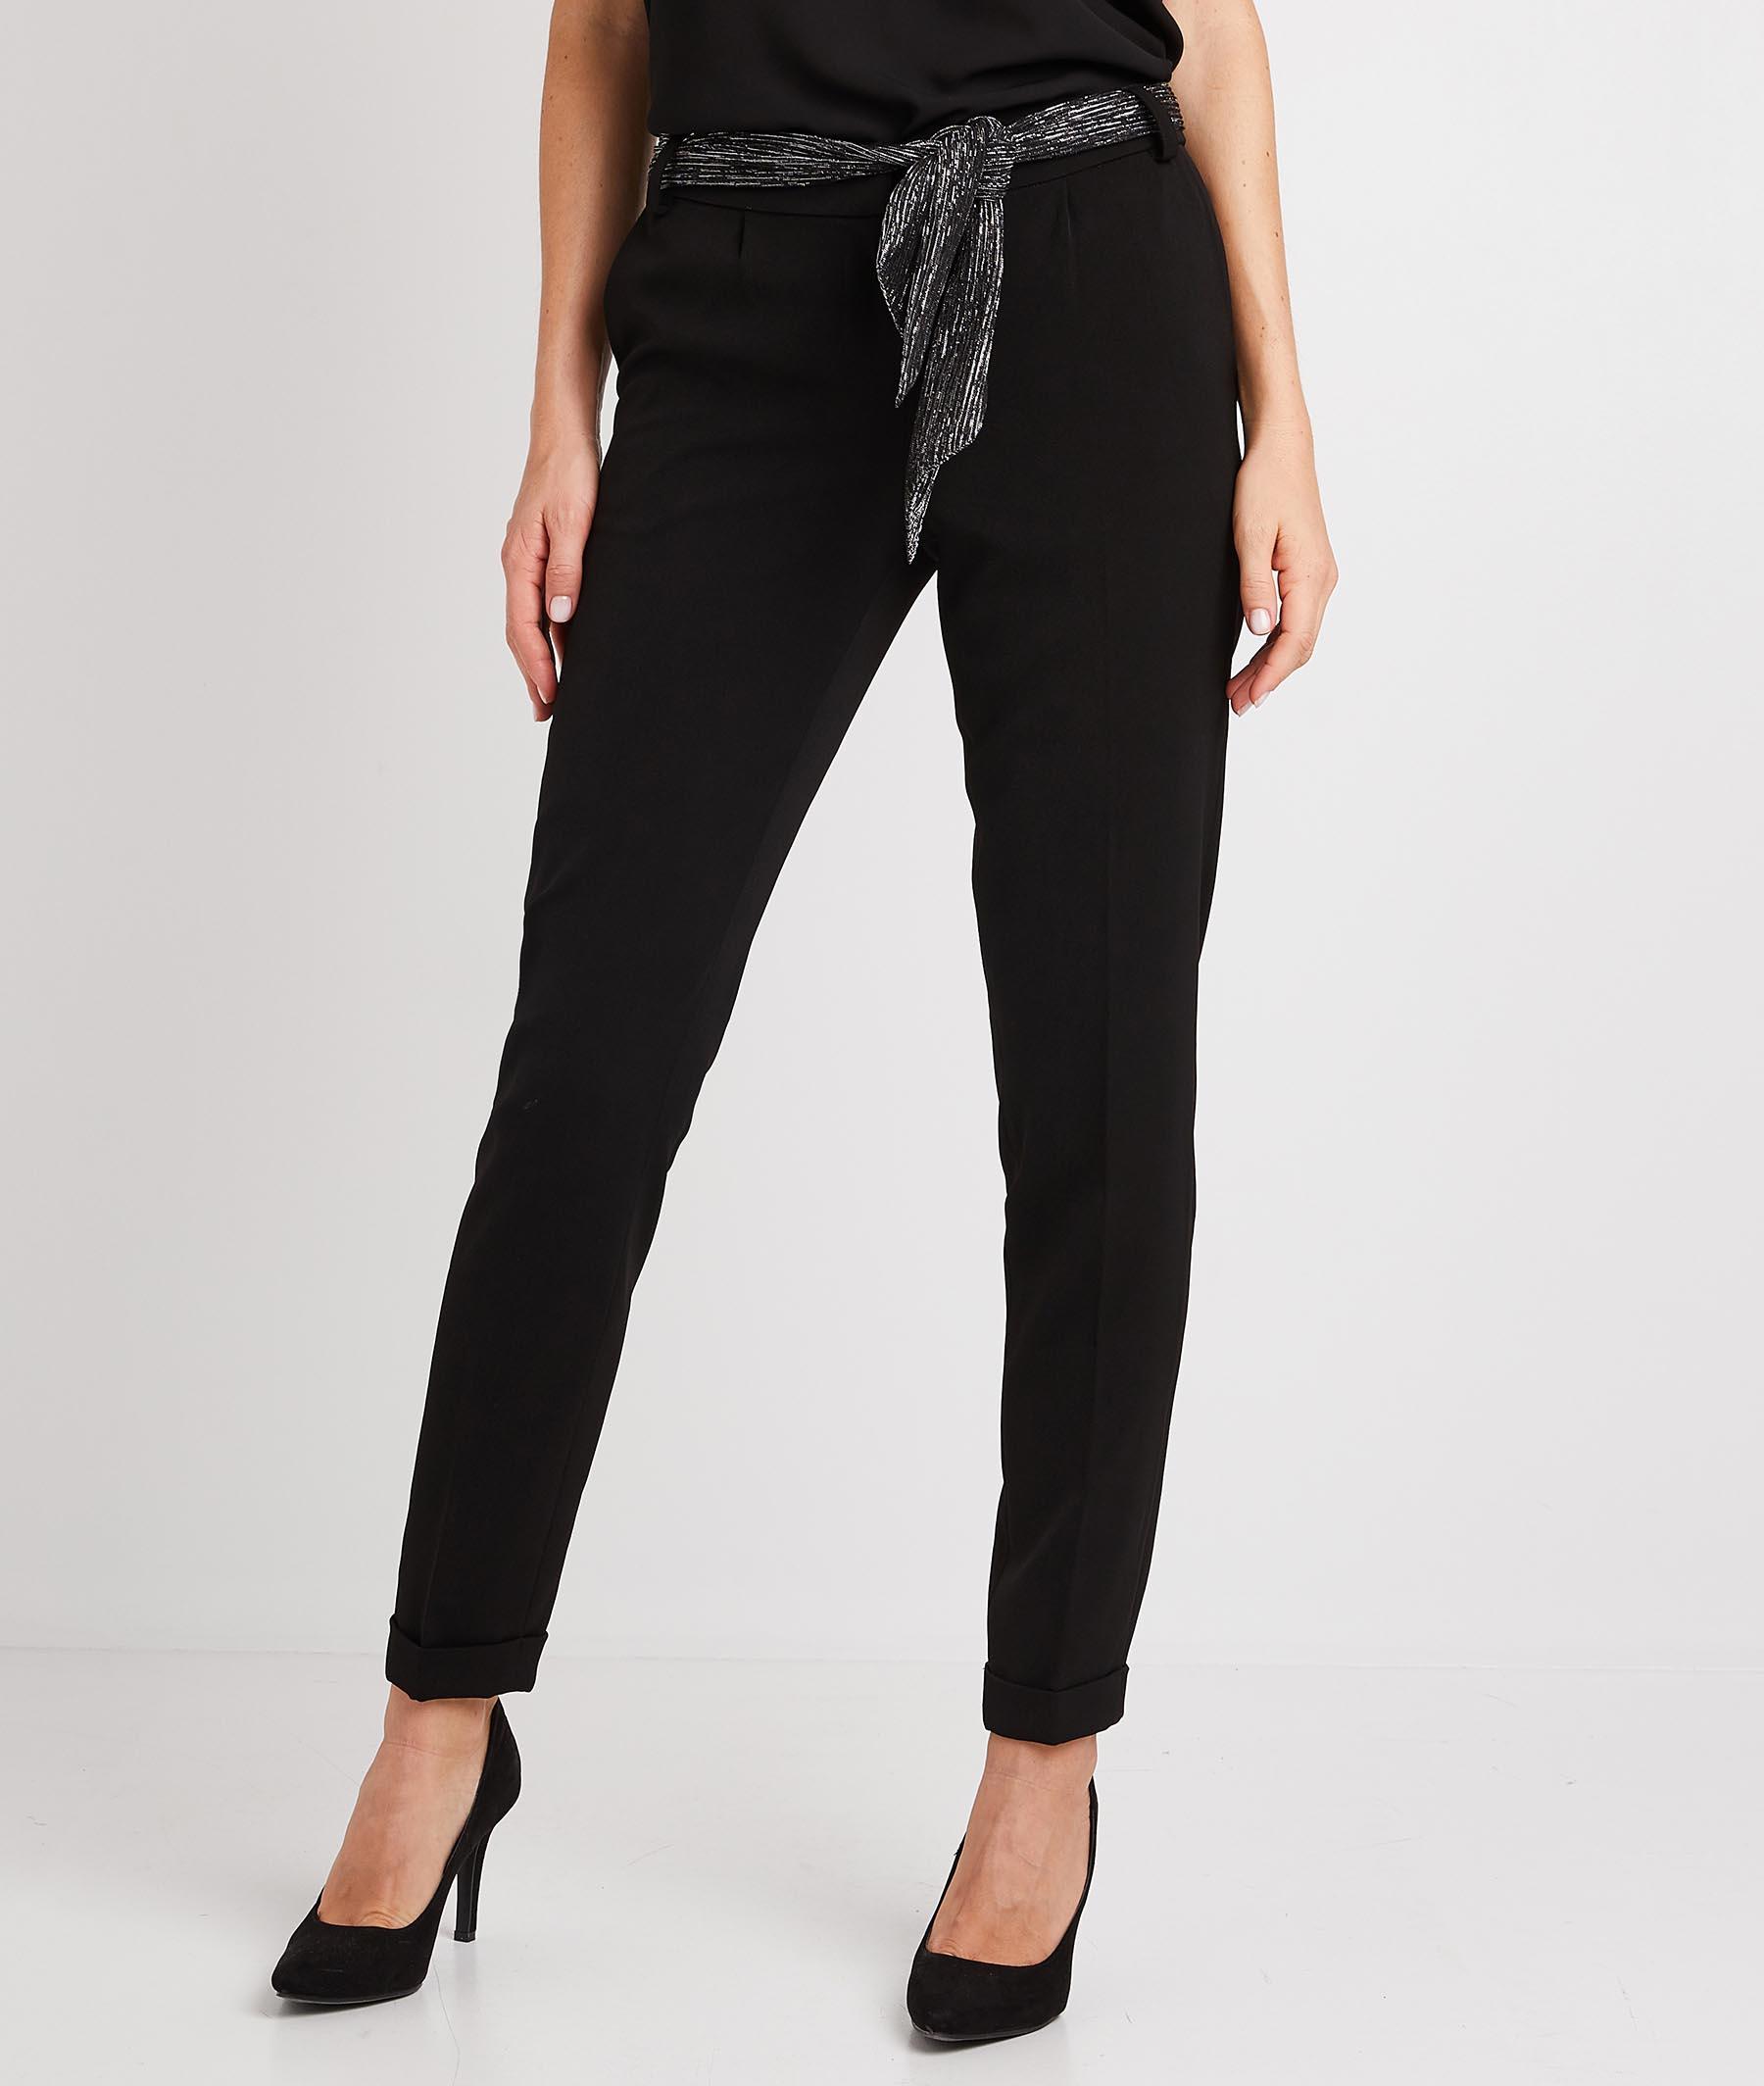 Pantalon fluide noir femme NOIR